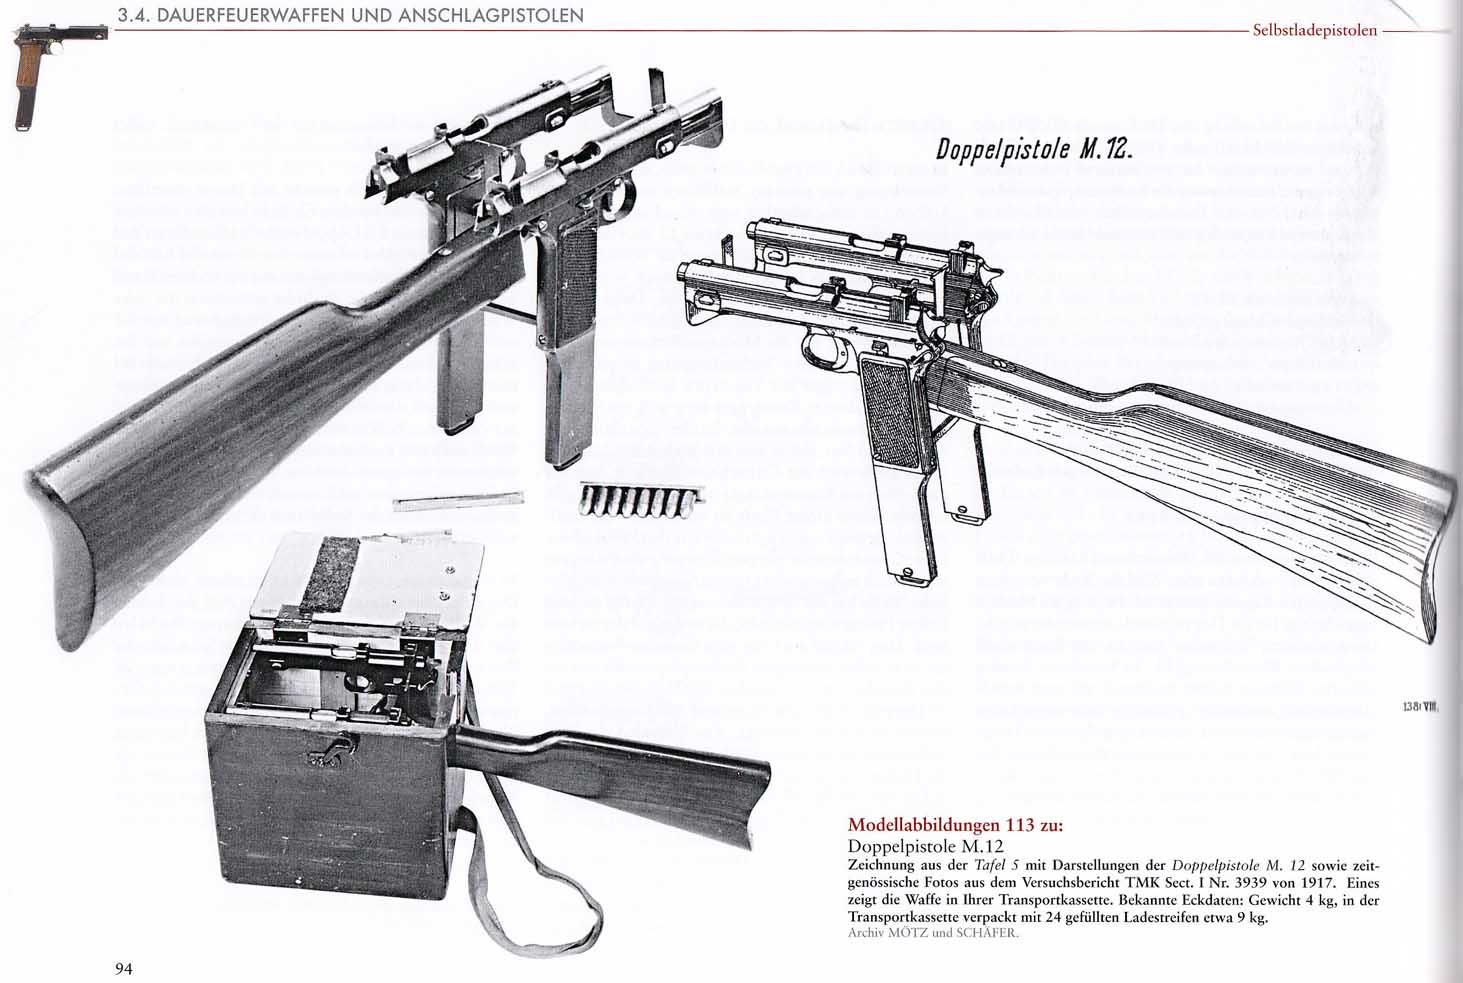 Steyr Doppelpistole M.12